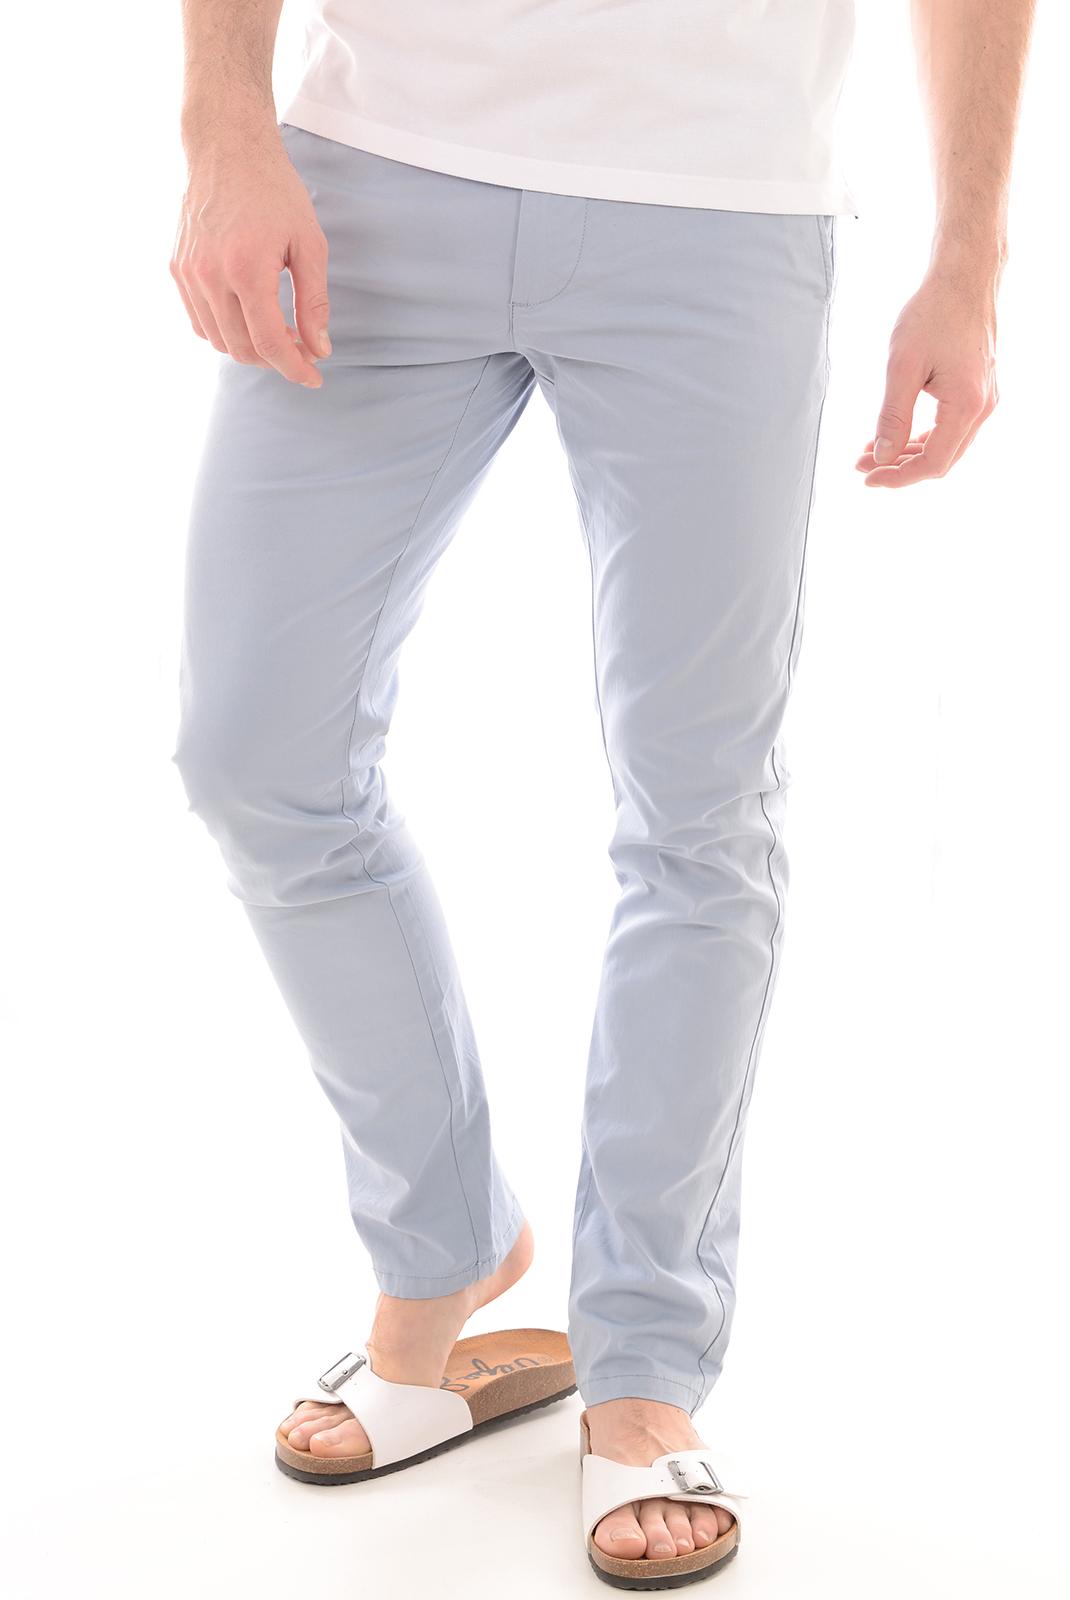 HOMME  Selected YARD SLIM PANTS DUSTY BLUE